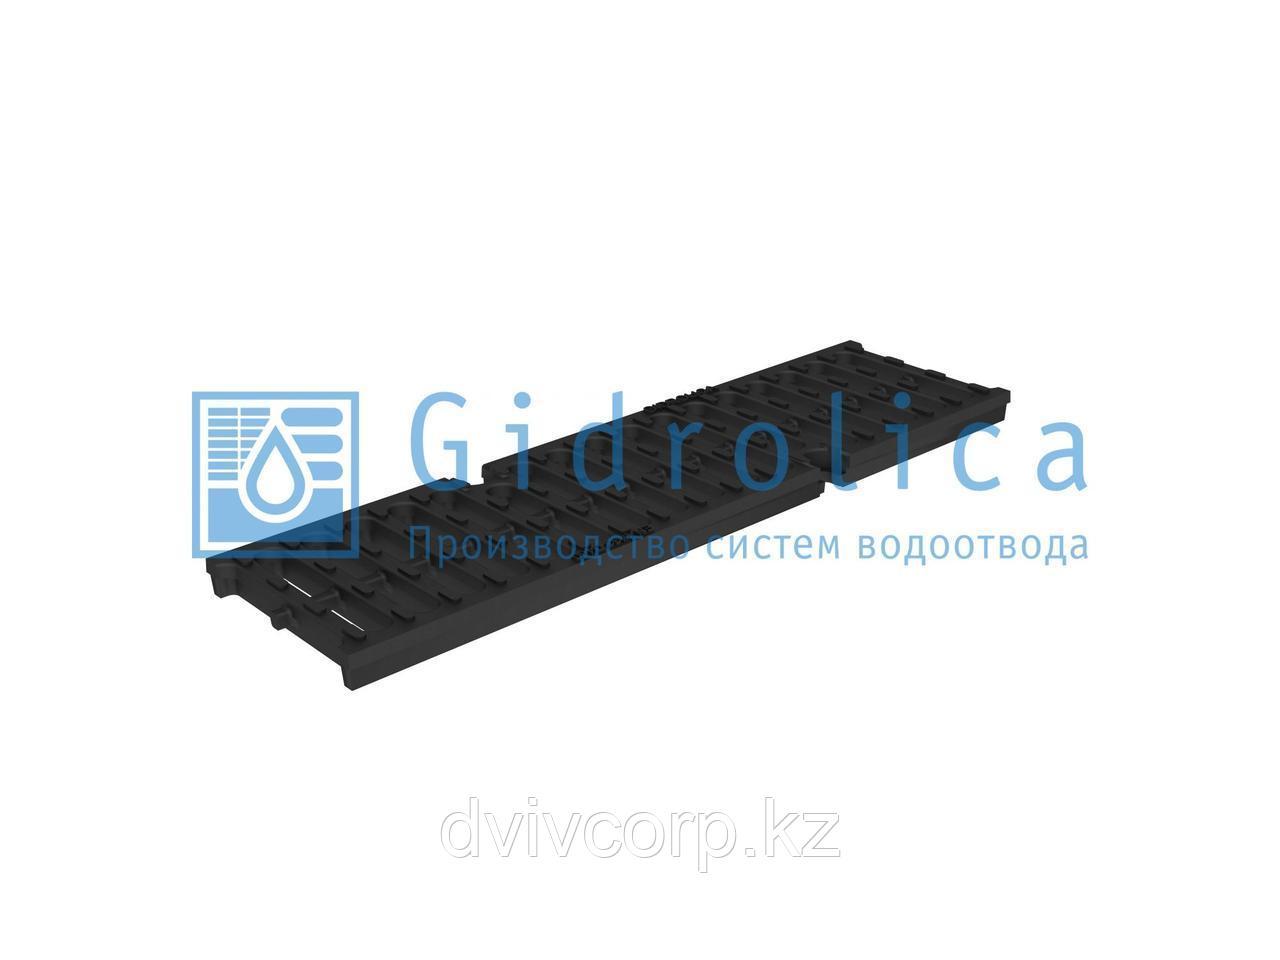 Арт. 50109D Решетка водоприемная Gidrolica Super РВ -10.14.50 - щелевая чугунная ВЧ, кл. D400